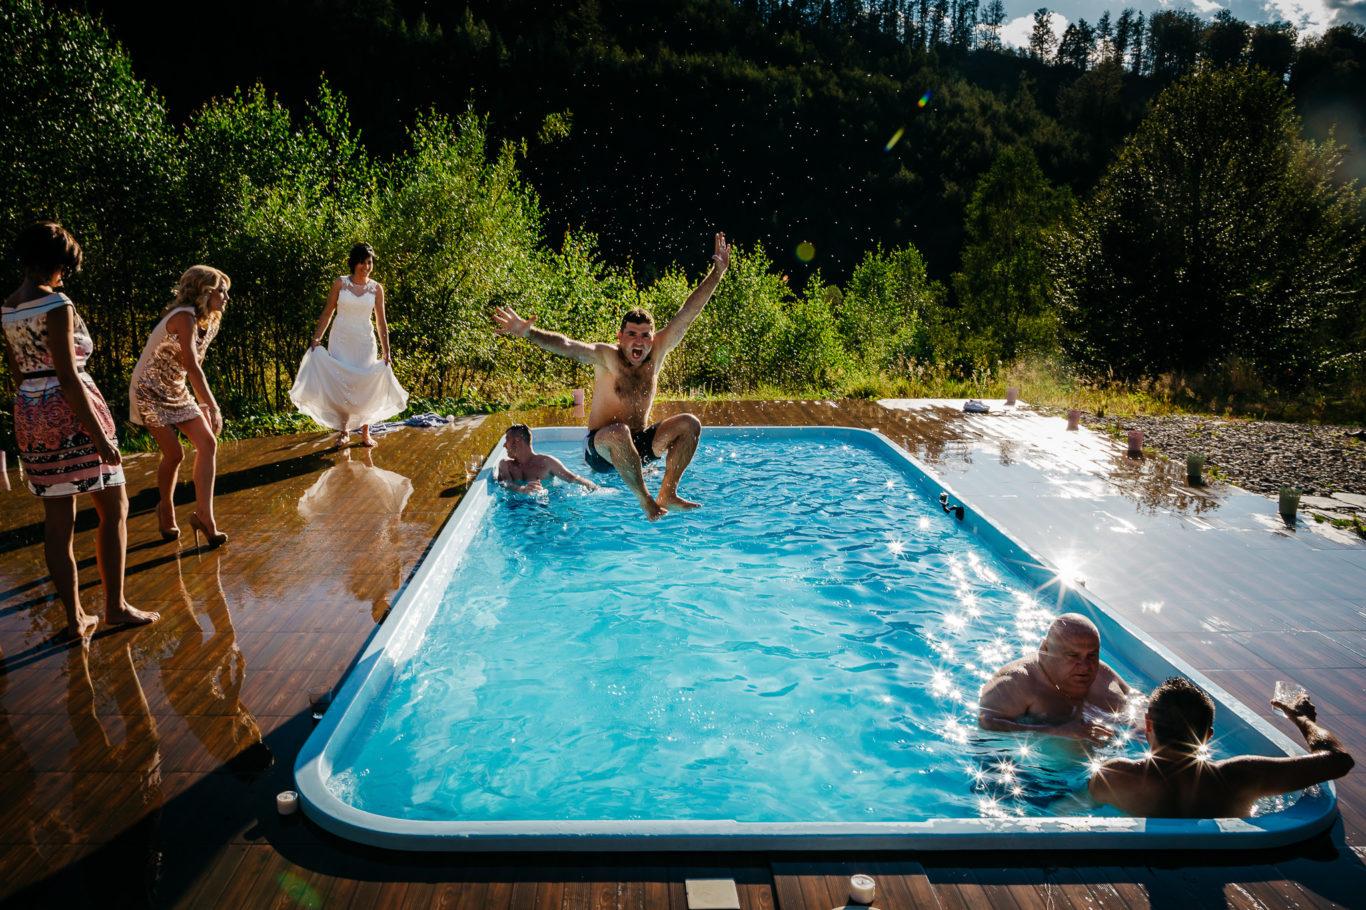 0405-fotografie-nunta-valea-de-pesti-vero-dani-fotograf-ciprian-dumitrescu-cd2_1329